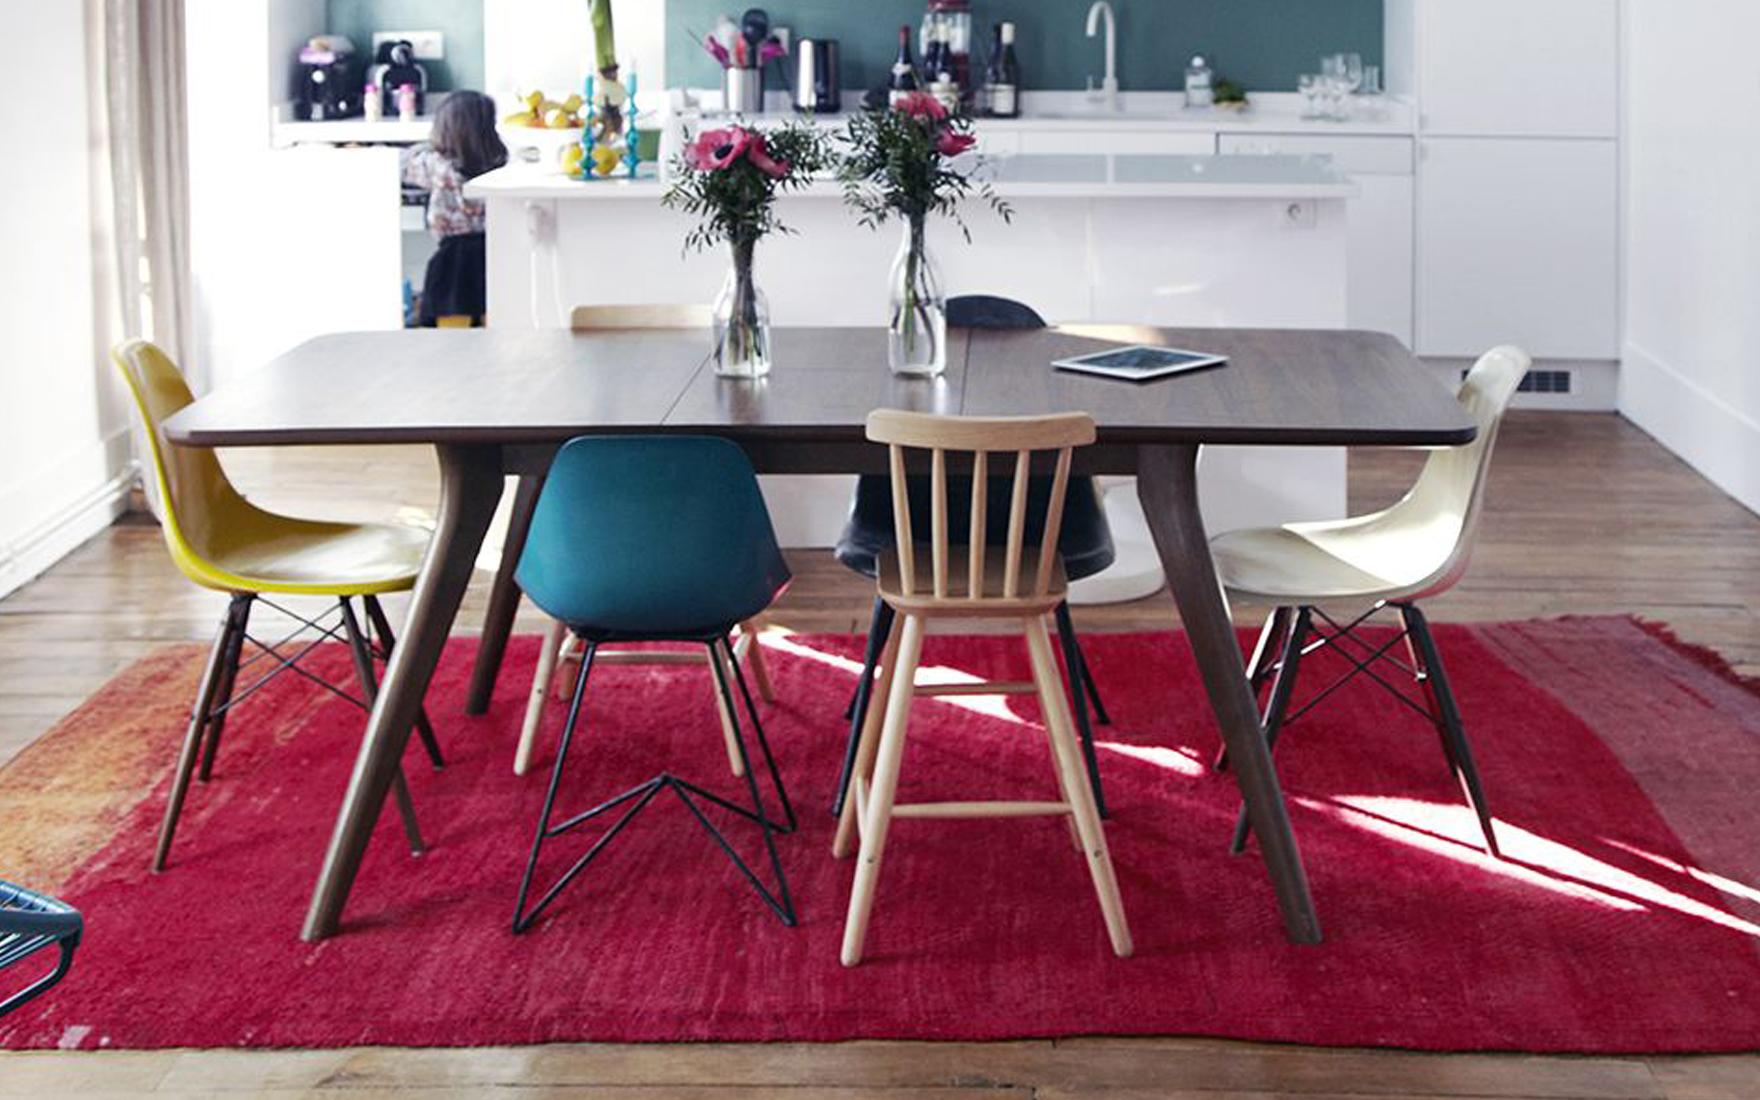 Как подобрать стулья к кухонному столу: 3 простых правила